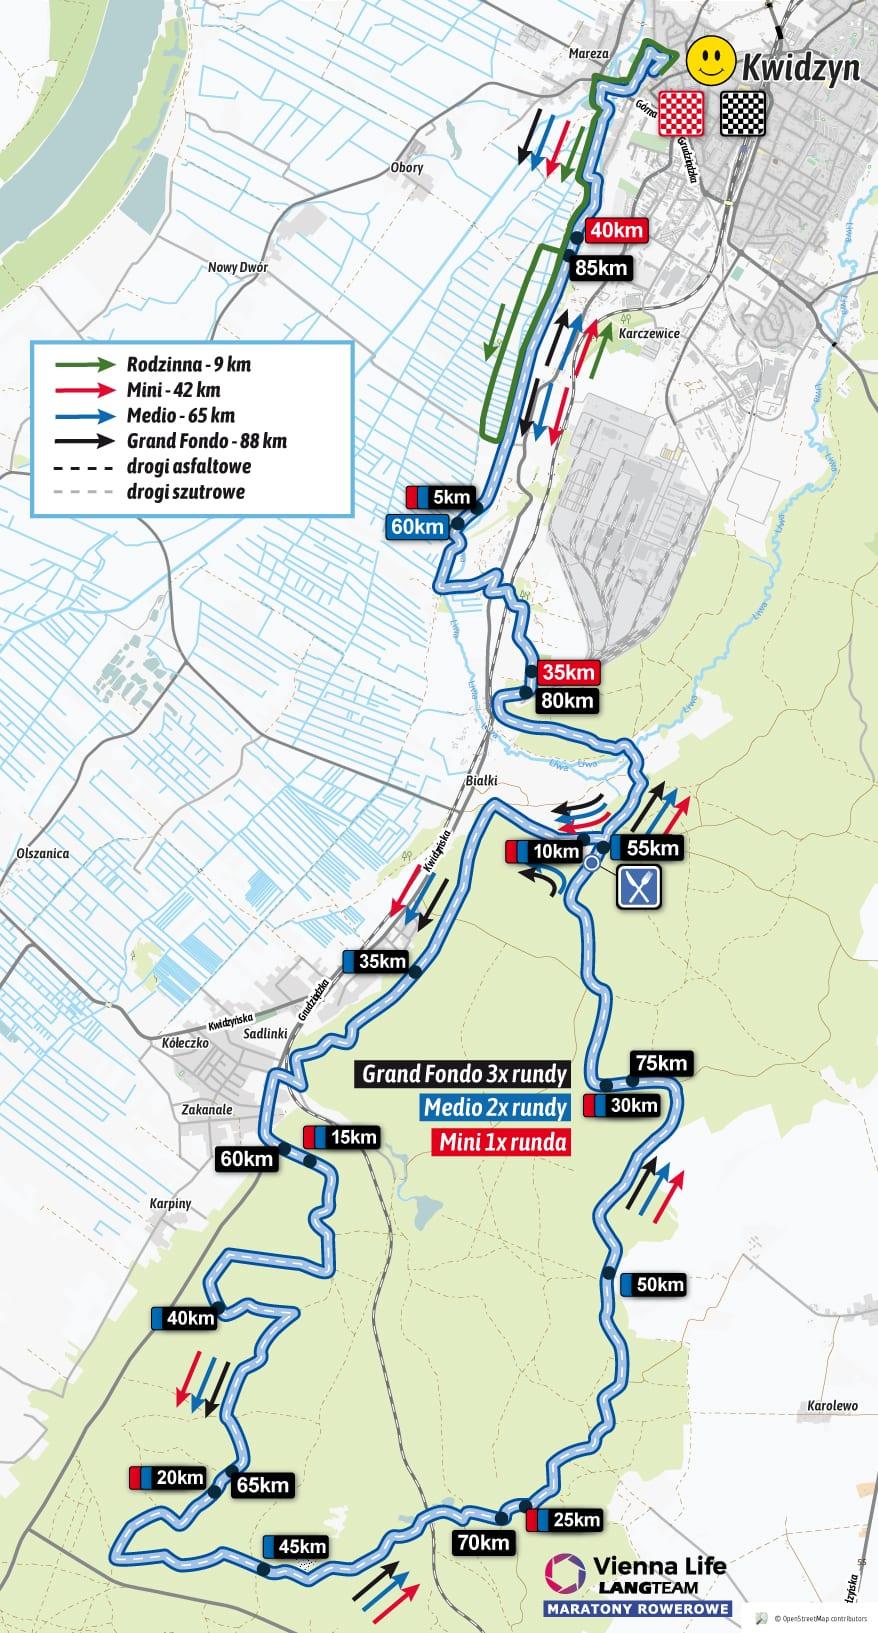 Kwidzyn 2018 Lang Team Maratony Rowerowe